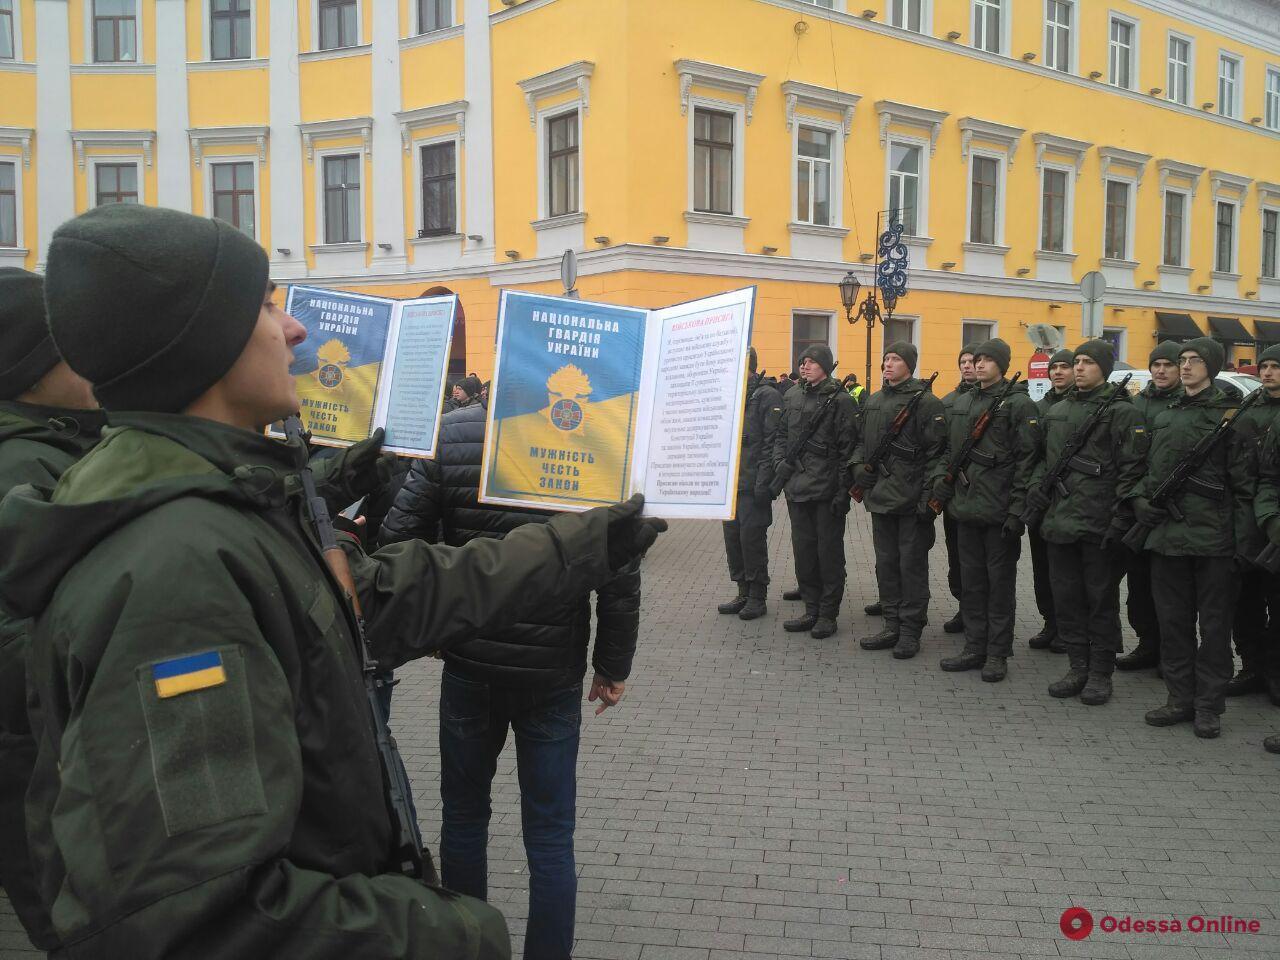 В центре Одессы новобранцы Нацгвардии присягнули на верность Украине (фото, видео)